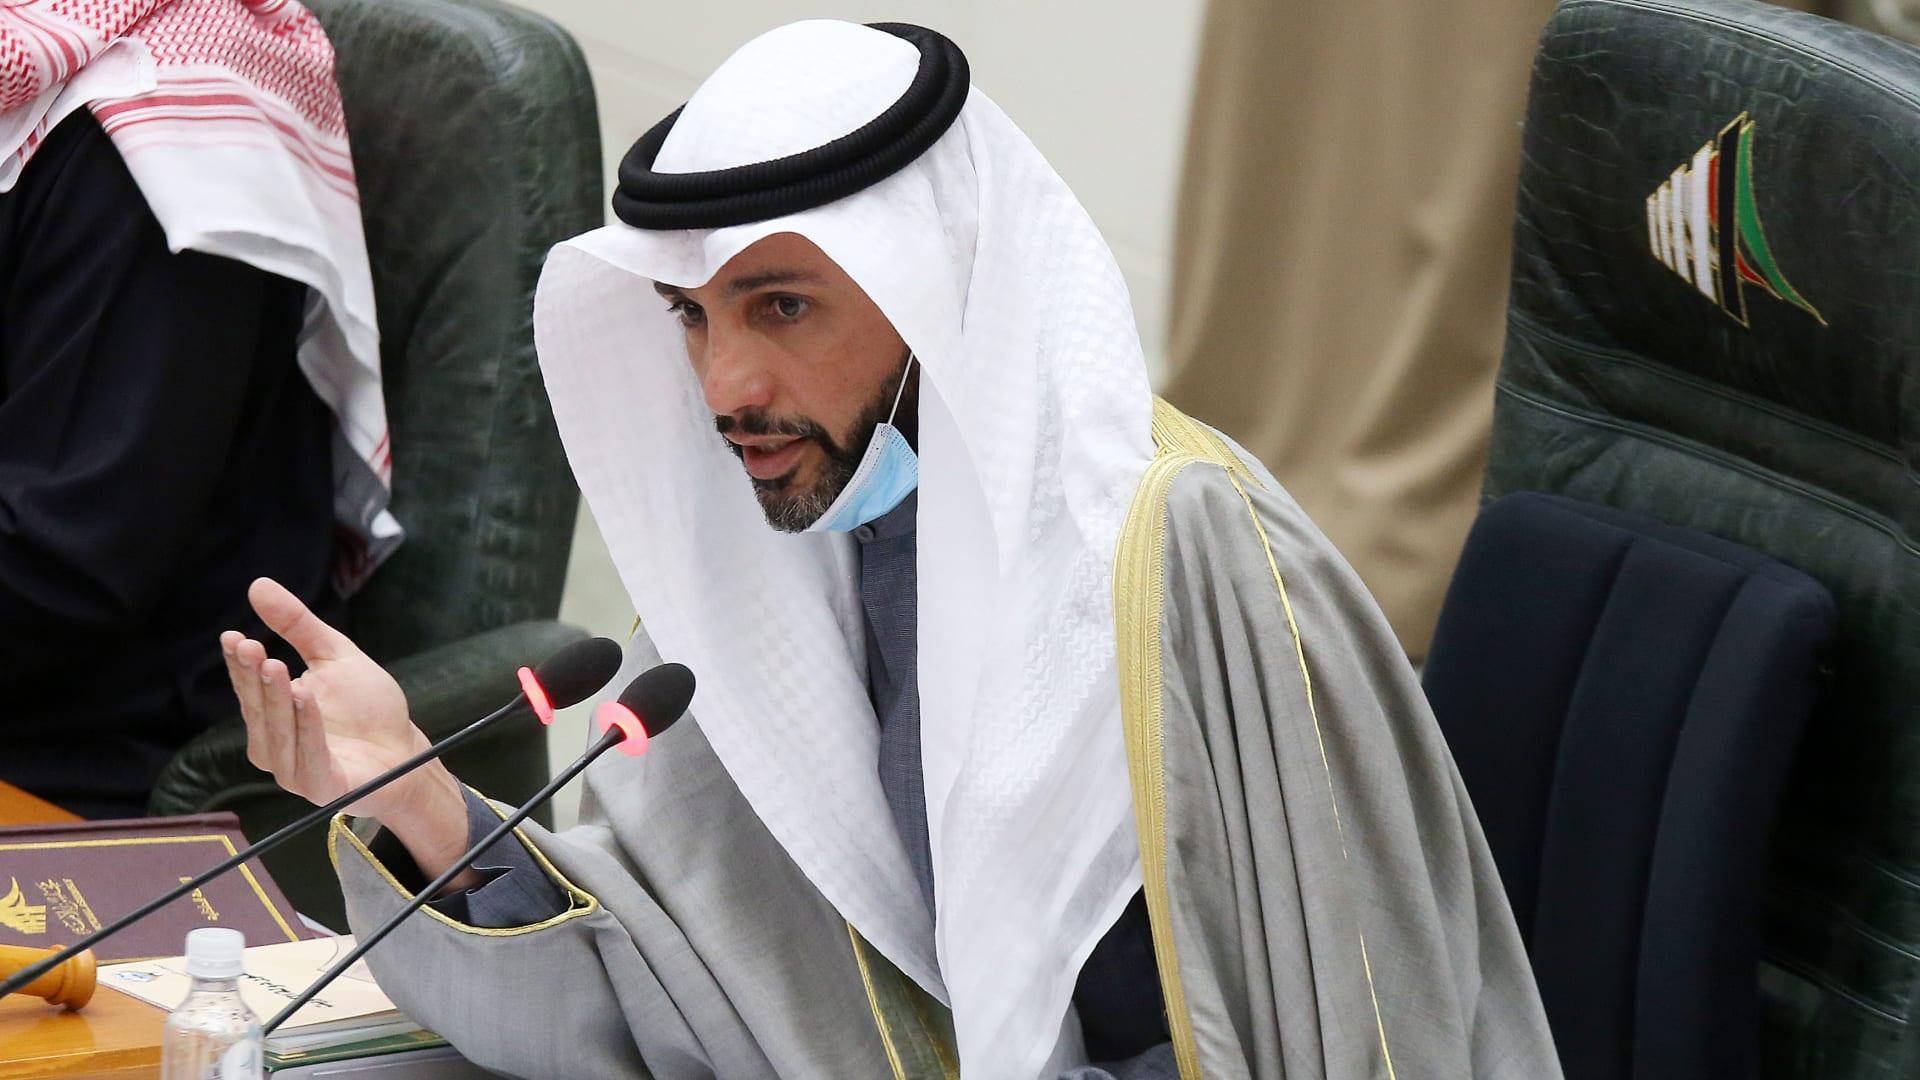 رئيس مجلس الأمة الكويتي: أُبلغت بتحويلي للنيابة العامة وسأكون أول من يطلب رفع الحصانة عني